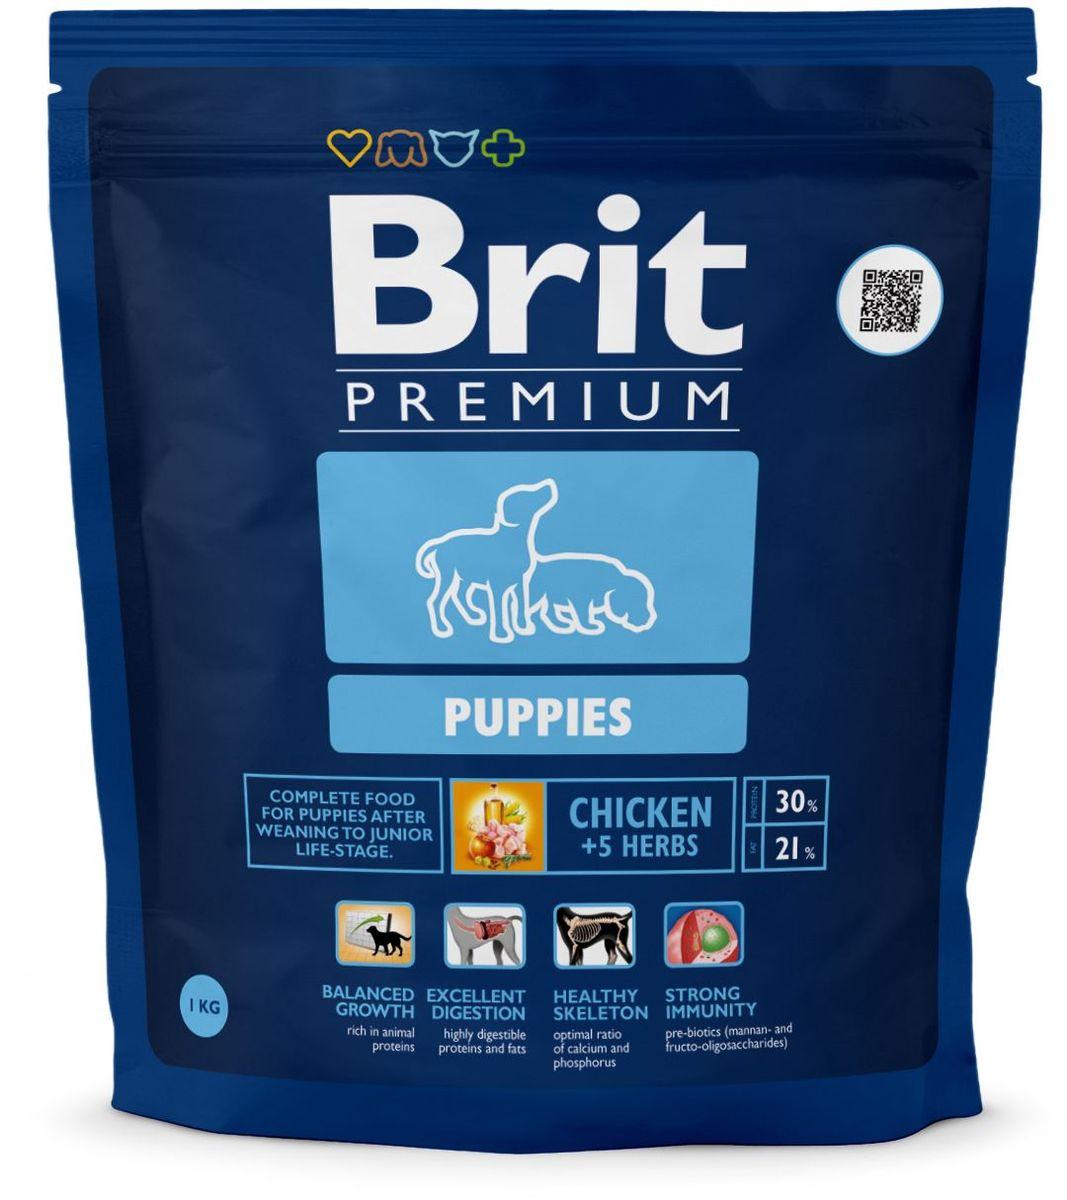 Корм сухой Brit Premium Puppies, для щенков всех пород, с курицей и травами, 1 кг132352Высококачественный корм Brit Premium Puppies является полнорационным кормом для щенков всех пород в период перехода с материнского молока на полнорационные корма. 4-8 недель для средних пород (10-25 кг); 4-16 недель для крупных пород (25-45 кг); 4-16 недель для очень крупных пород (45-90 кг). Рекомендуется также для беременных и кормящих сук. Состав: мука из мяса курицы (45%), рис, кукуруза, куриный жир (консервированный токоферолами), масло лосося, пивные дрожжи, натуральные ароматизаторы, сушеные яблоки, минеральные вещества, экстракт из трав и фруктов (300 мг/кг), мананоолигосахариды (150 мг/кг), фруктоолигосахариды (100 мг/кг), экстракт юкки шидигеры (80 мг/кг), органическая Е4 медь, органический Е6 цинк, органический селен. Пищевая ценность: сырой протеин - 30%, сырой жир - 21%, влага - 10%, сырая зола - 6,5%, сырая клетчатка - 2%, кальций - 1,5%, фосфор - 1,1%. Пищевые добавки на 1 кг: витамин А - 20000 МЕ, витамин D3 - 1900 МЕ, витамин Е - 600 мг, железо - 80 мг, цинк - 70 мг, марганец - 36 мг, медь - 20 мг, йод - 0,65 мг, селен - 0,2 мг. Энергетическая ценность: 4518 ккал/кг. Товар сертифицирован.